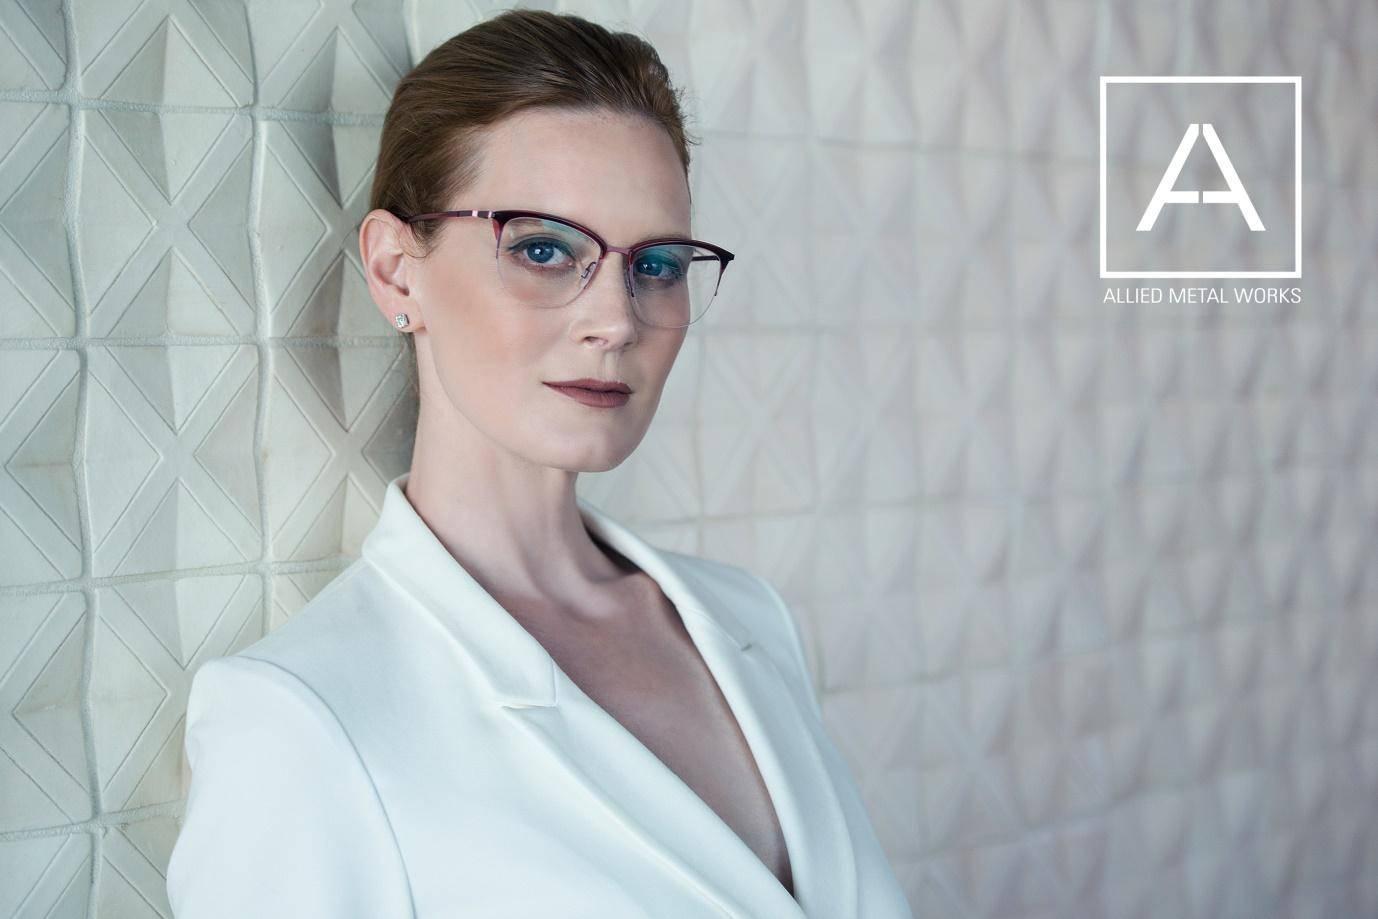 cost of varifocals 2019